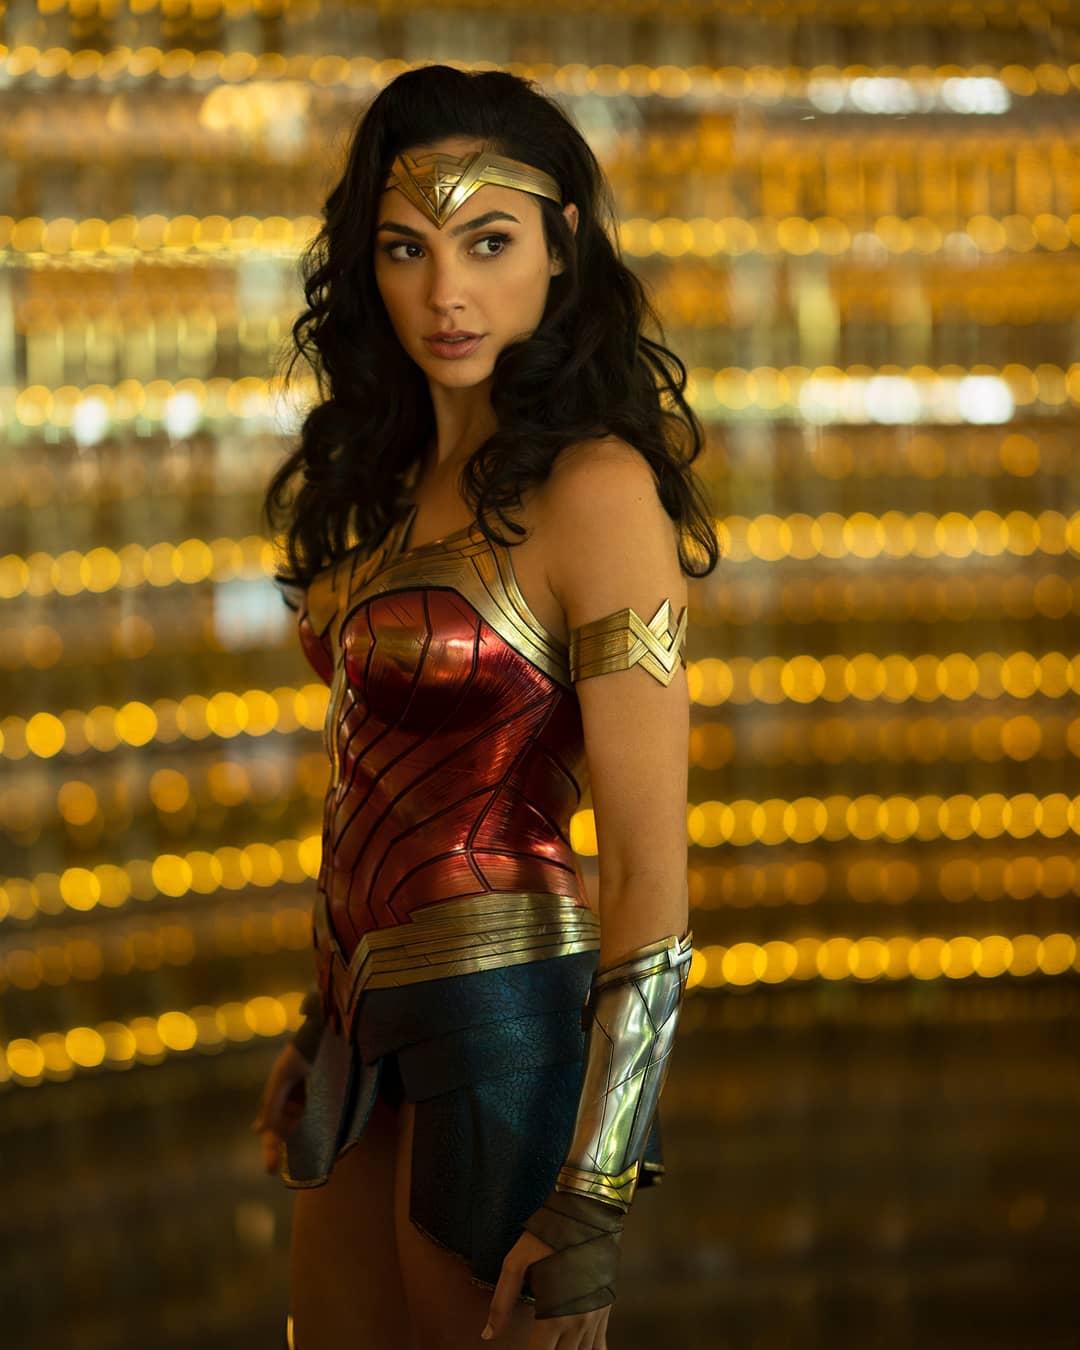 Gal Gadot Photos | Wonder Woman Images - HD Actress Photo